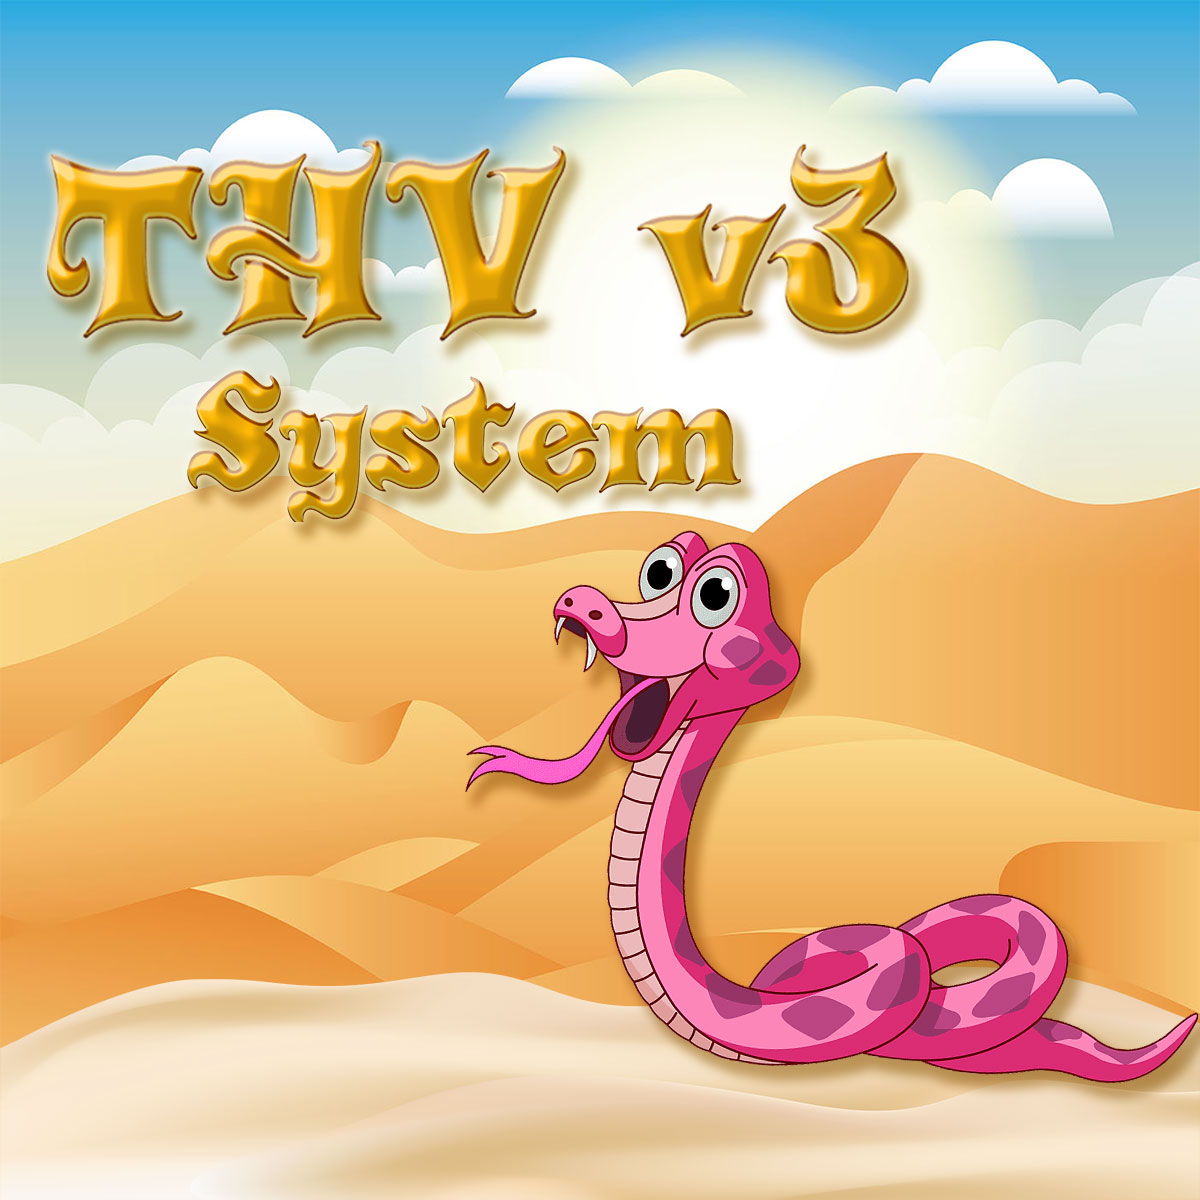 有名なFX手法「THVsystem」自動化!自動EA化した私もビックリ!1トレード1ポジションの安心運用【THV v3 system EA】